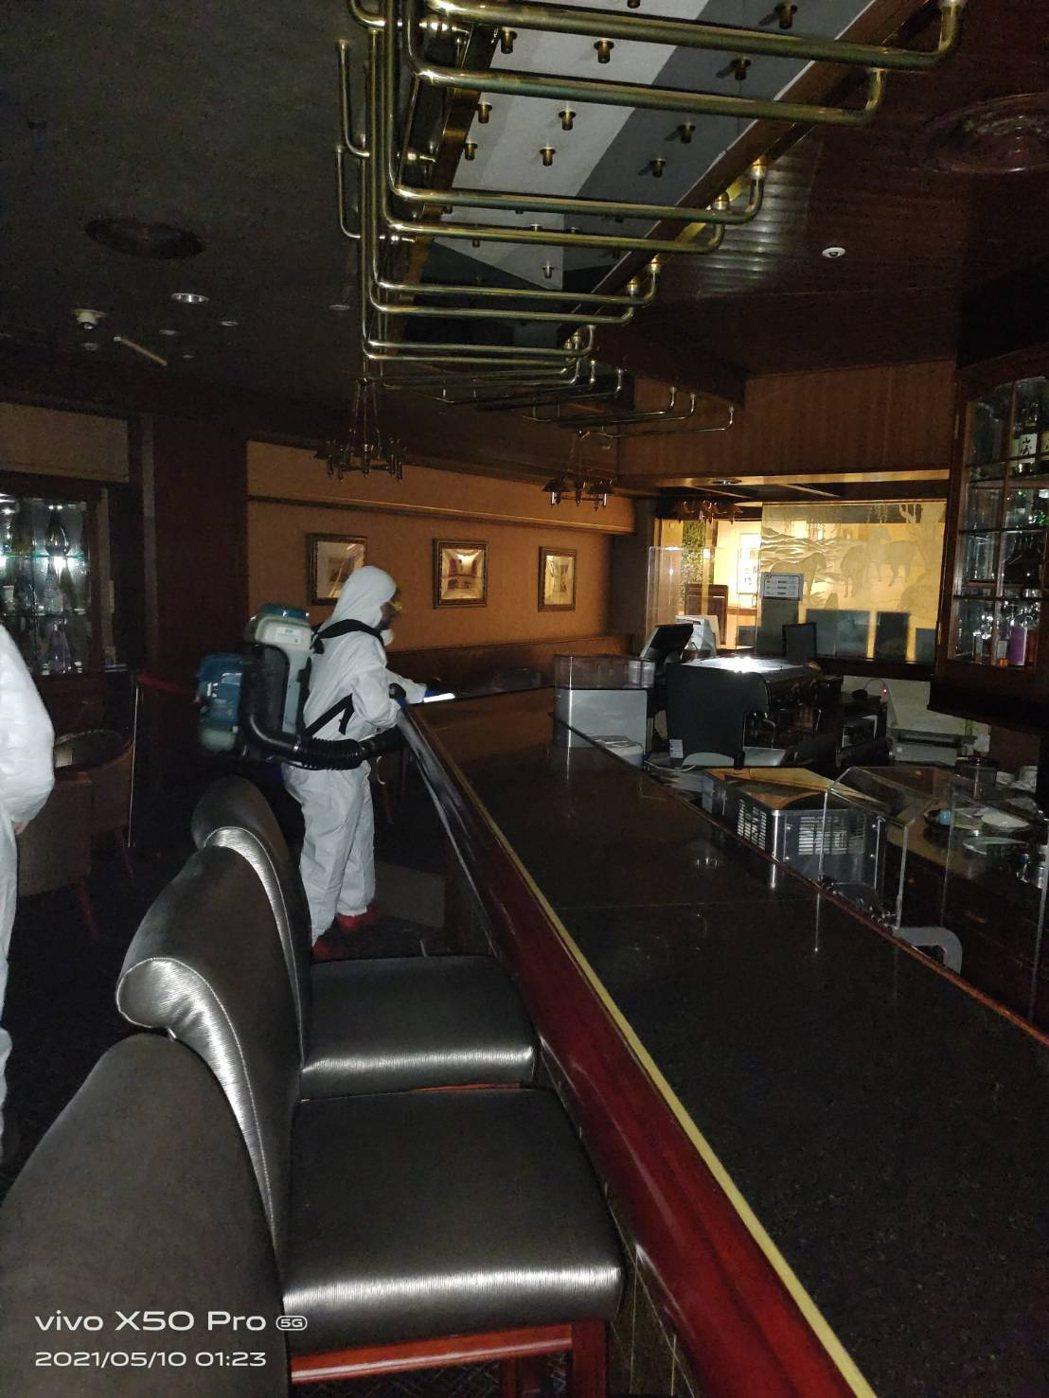 福華飯店昨接獲通知後即刻進行消毒,七賢吧也將暫停營業7天。圖/福華飯店提供